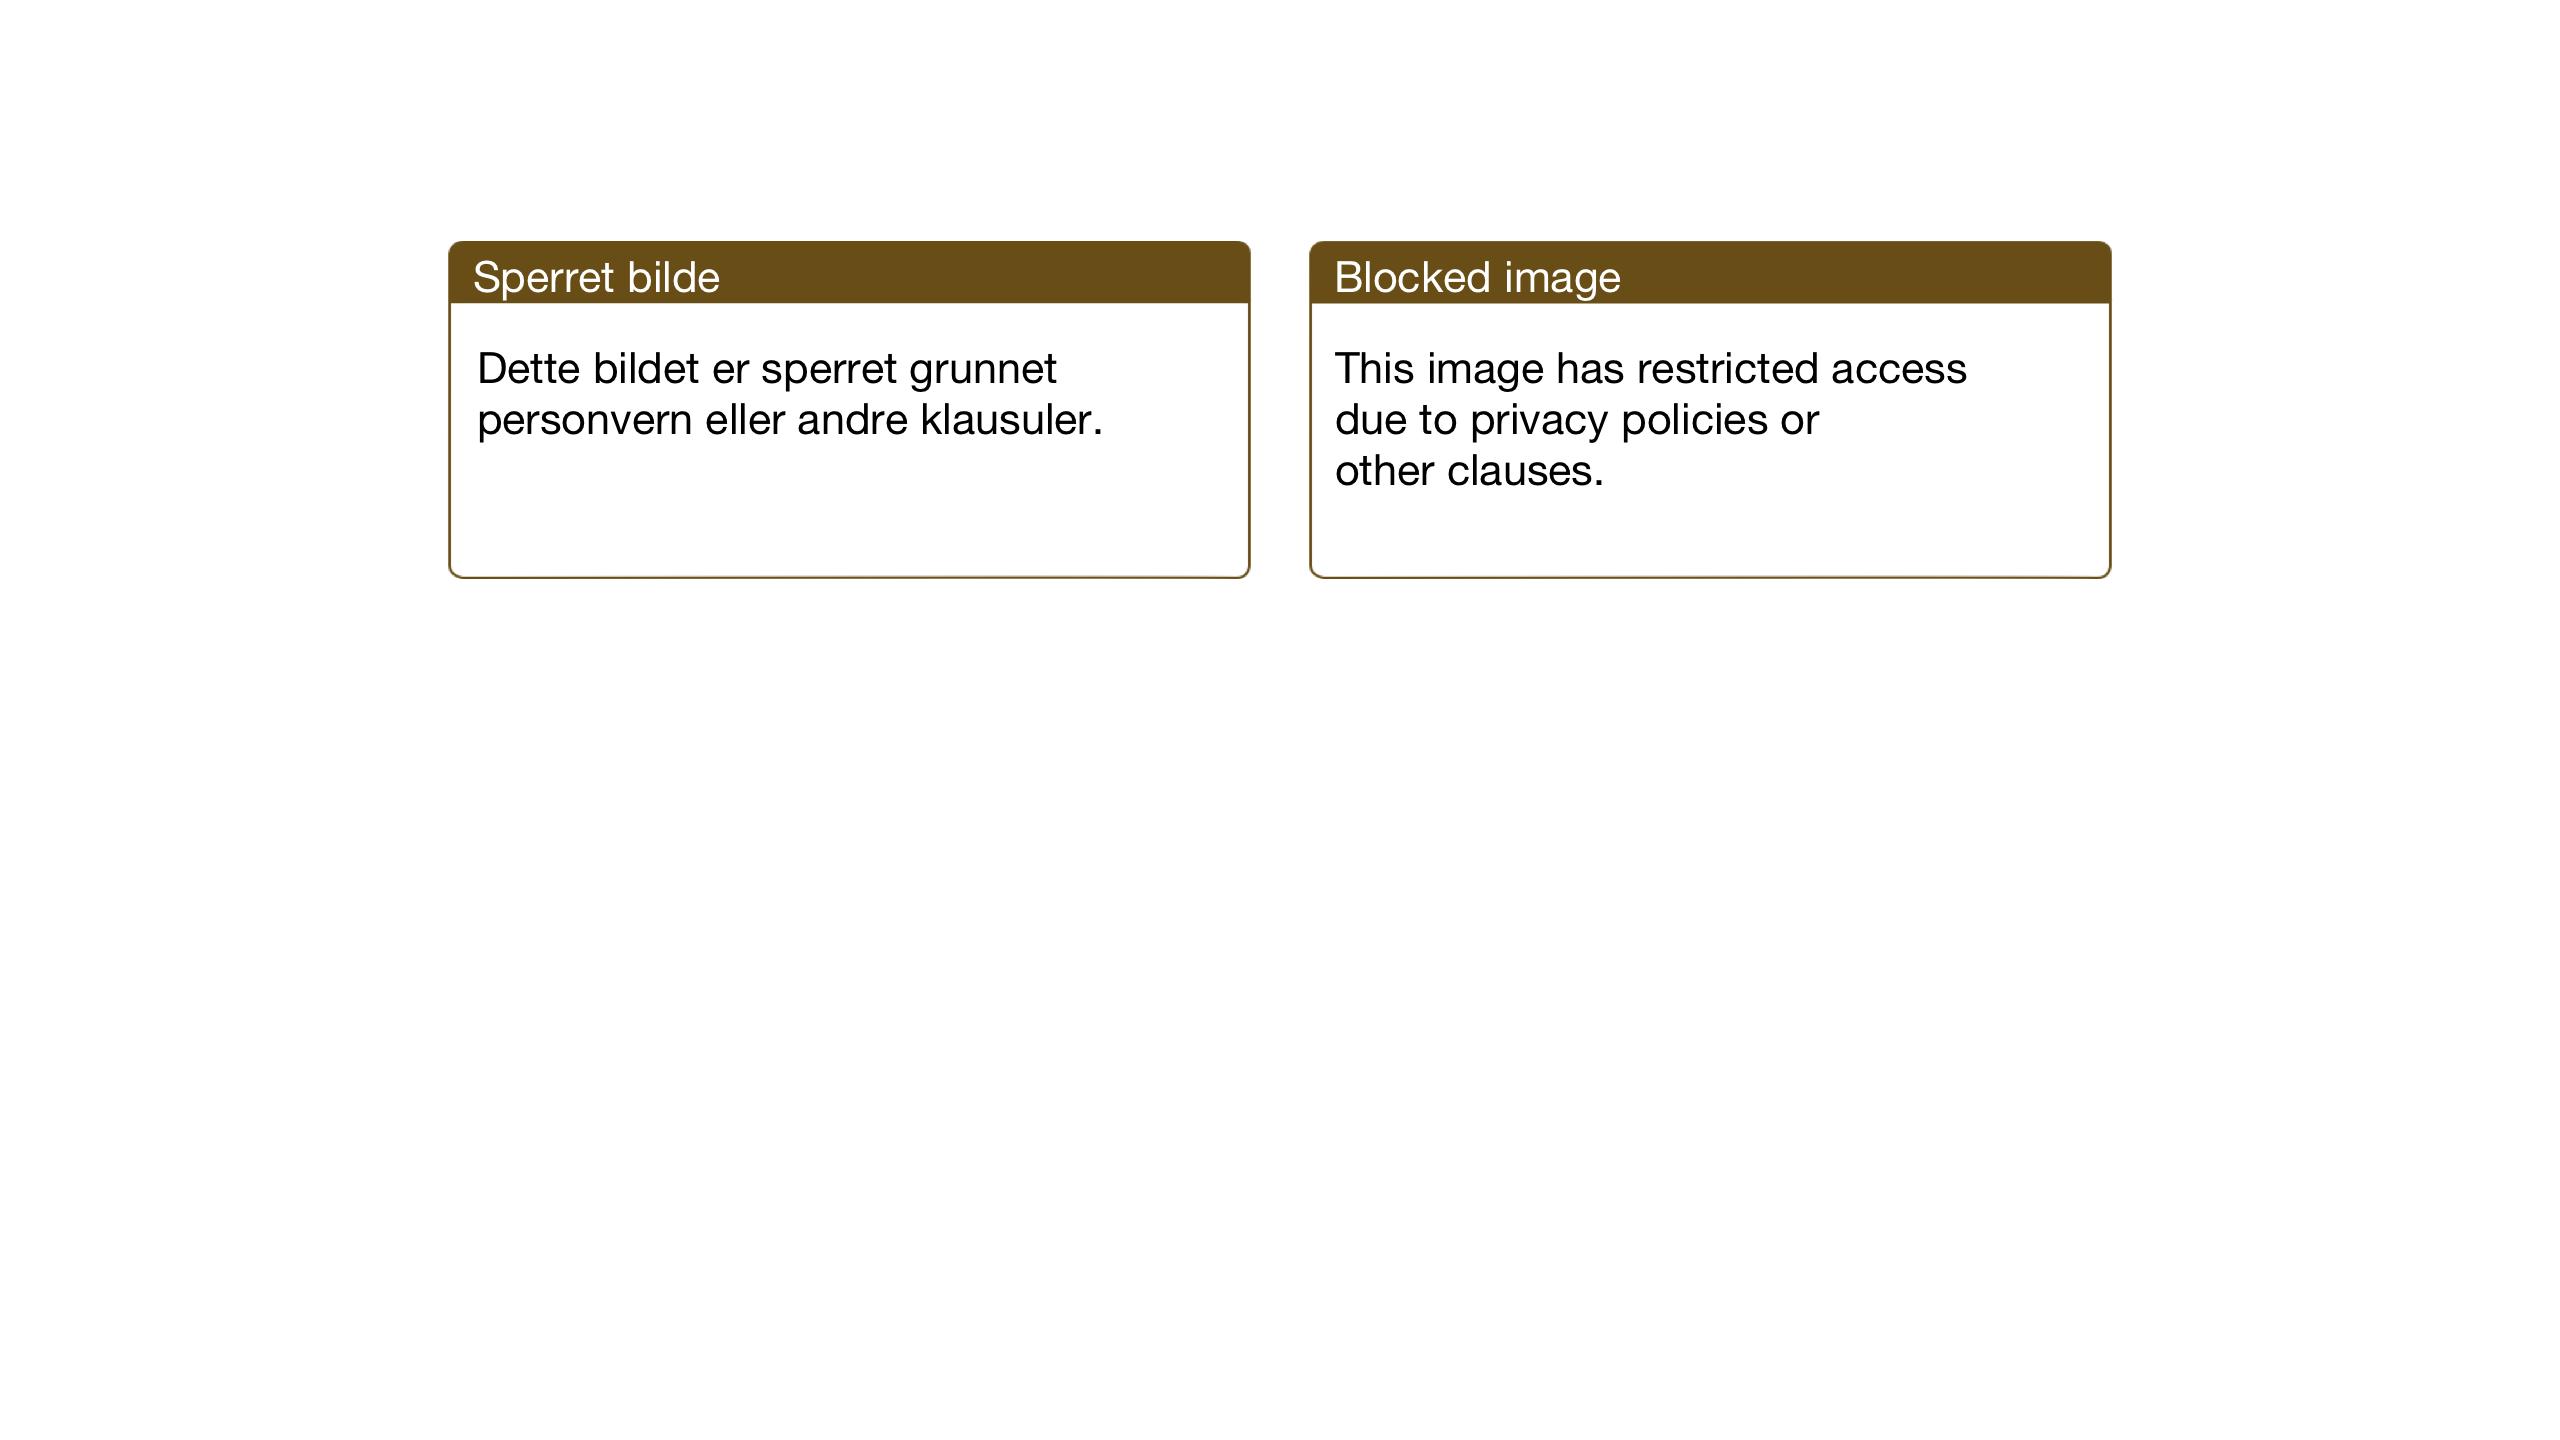 SAT, Ministerialprotokoller, klokkerbøker og fødselsregistre - Sør-Trøndelag, 674/L0878: Klokkerbok nr. 674C05, 1941-1950, s. 76